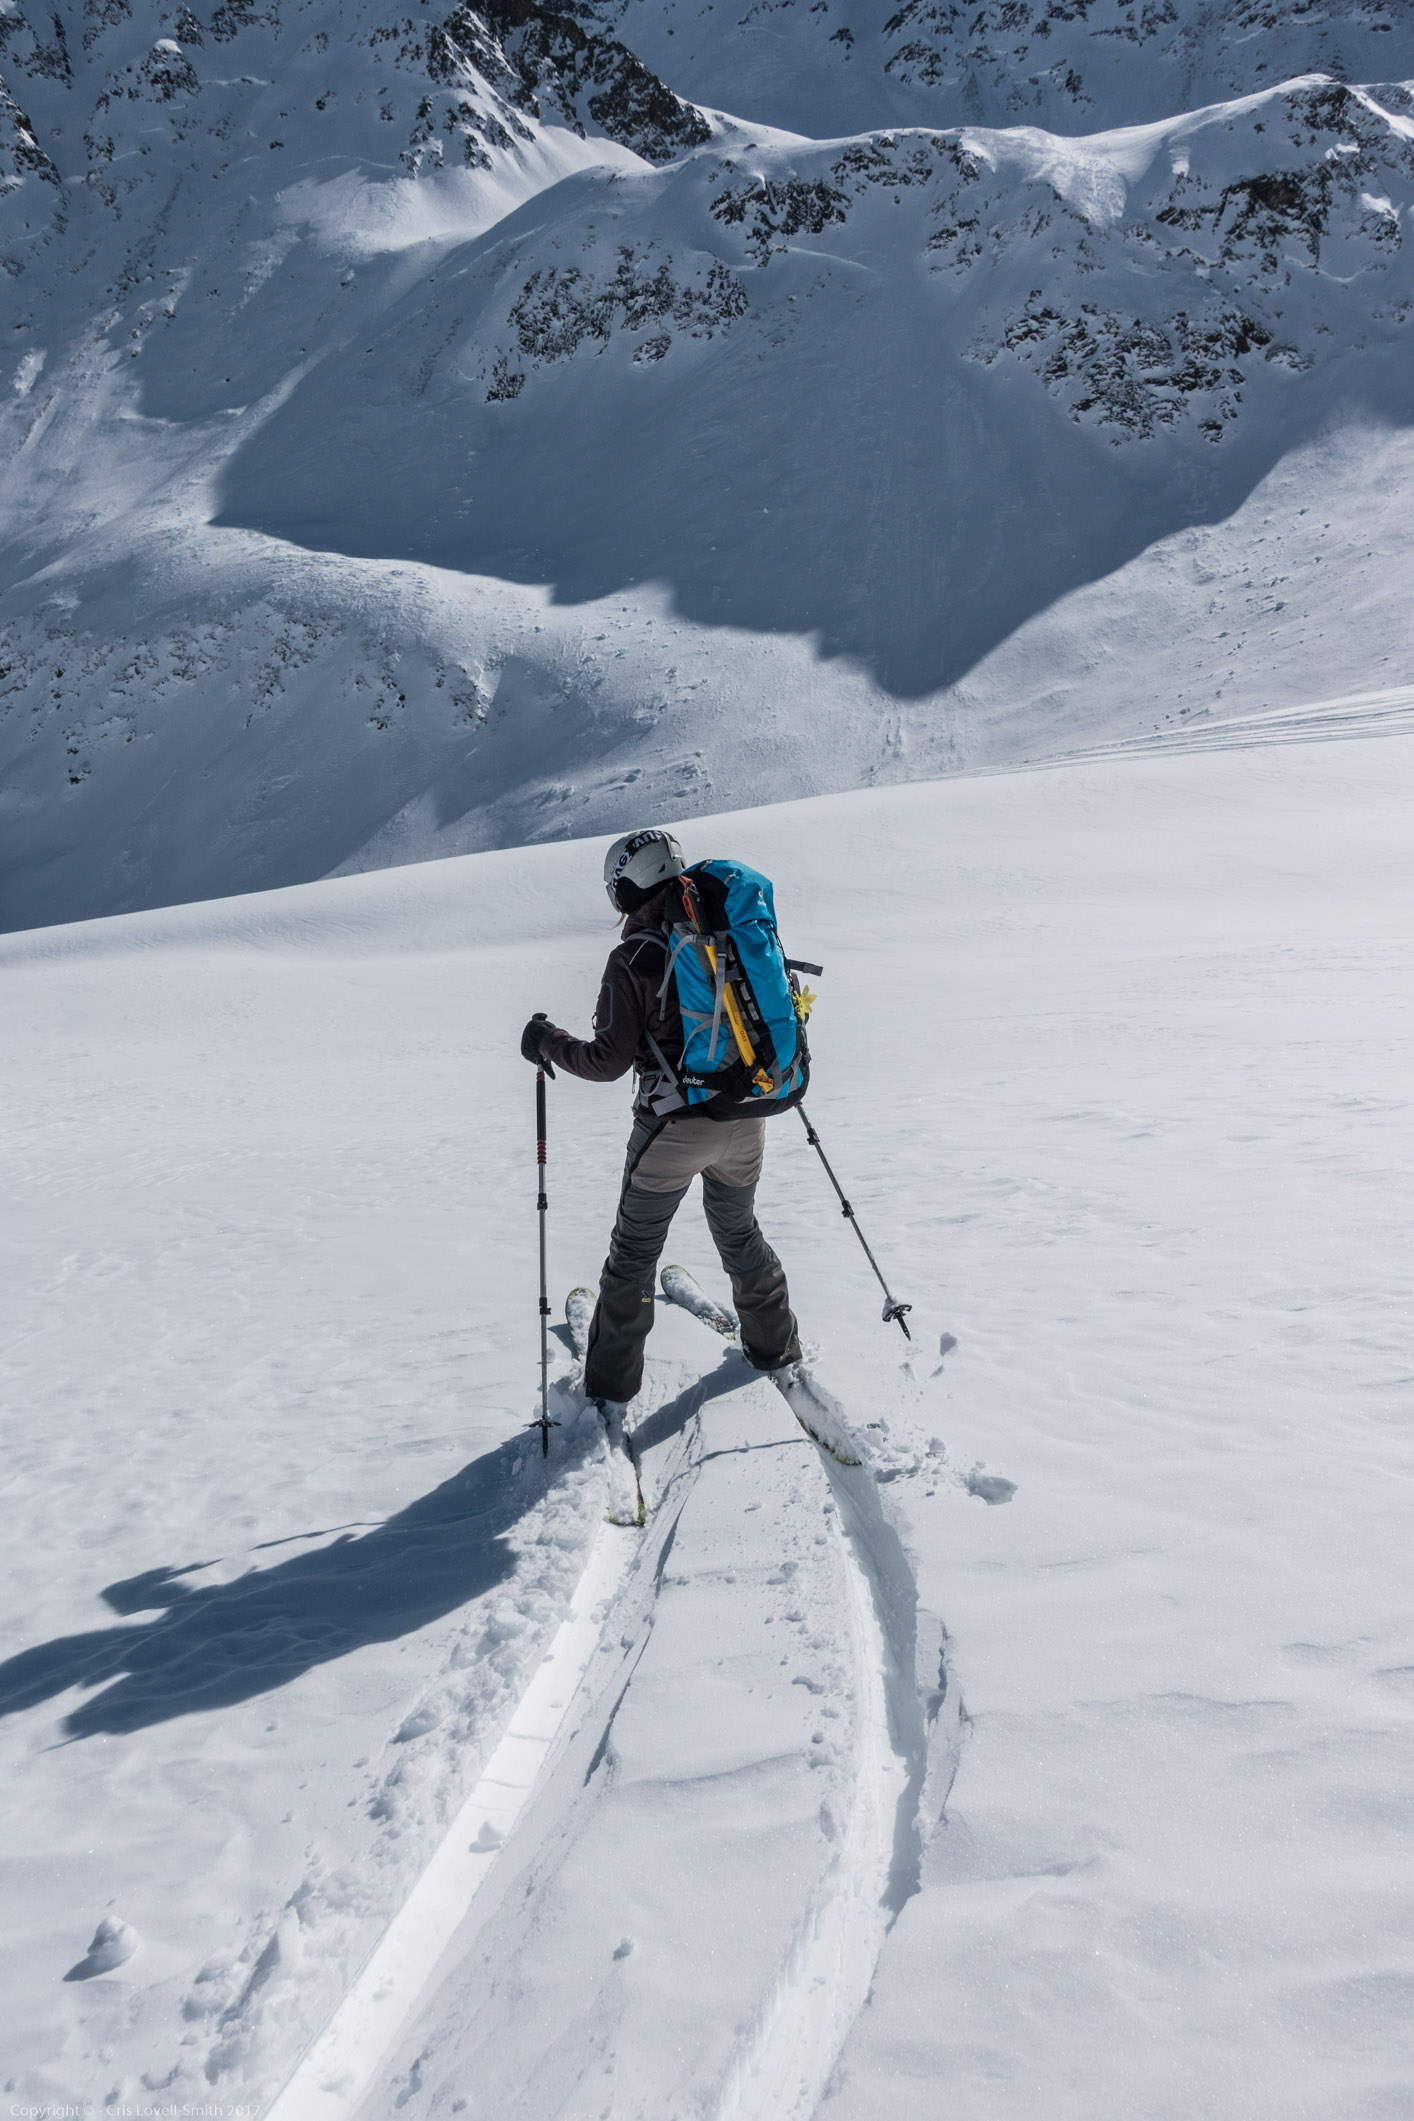 Zoom (Arlberger Winterklettersteig March 2017)